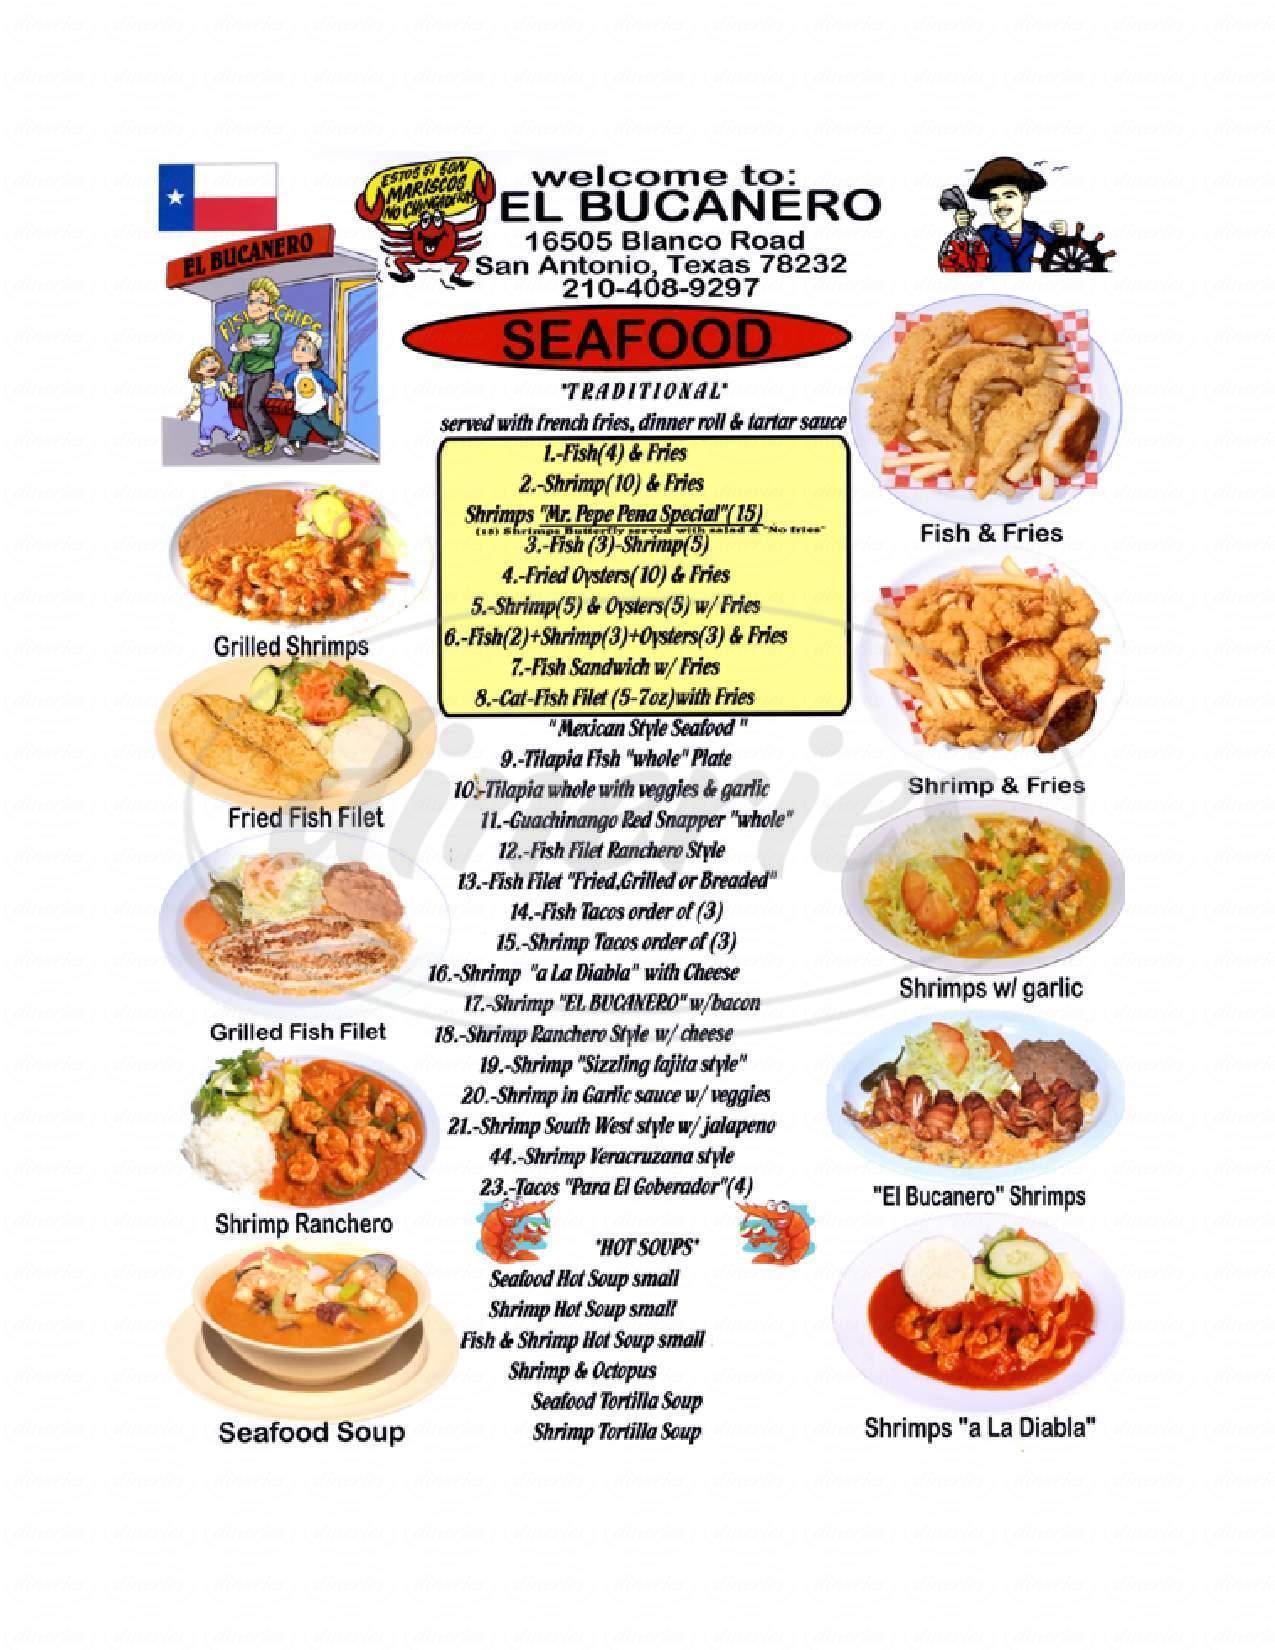 menu for El Bucanero